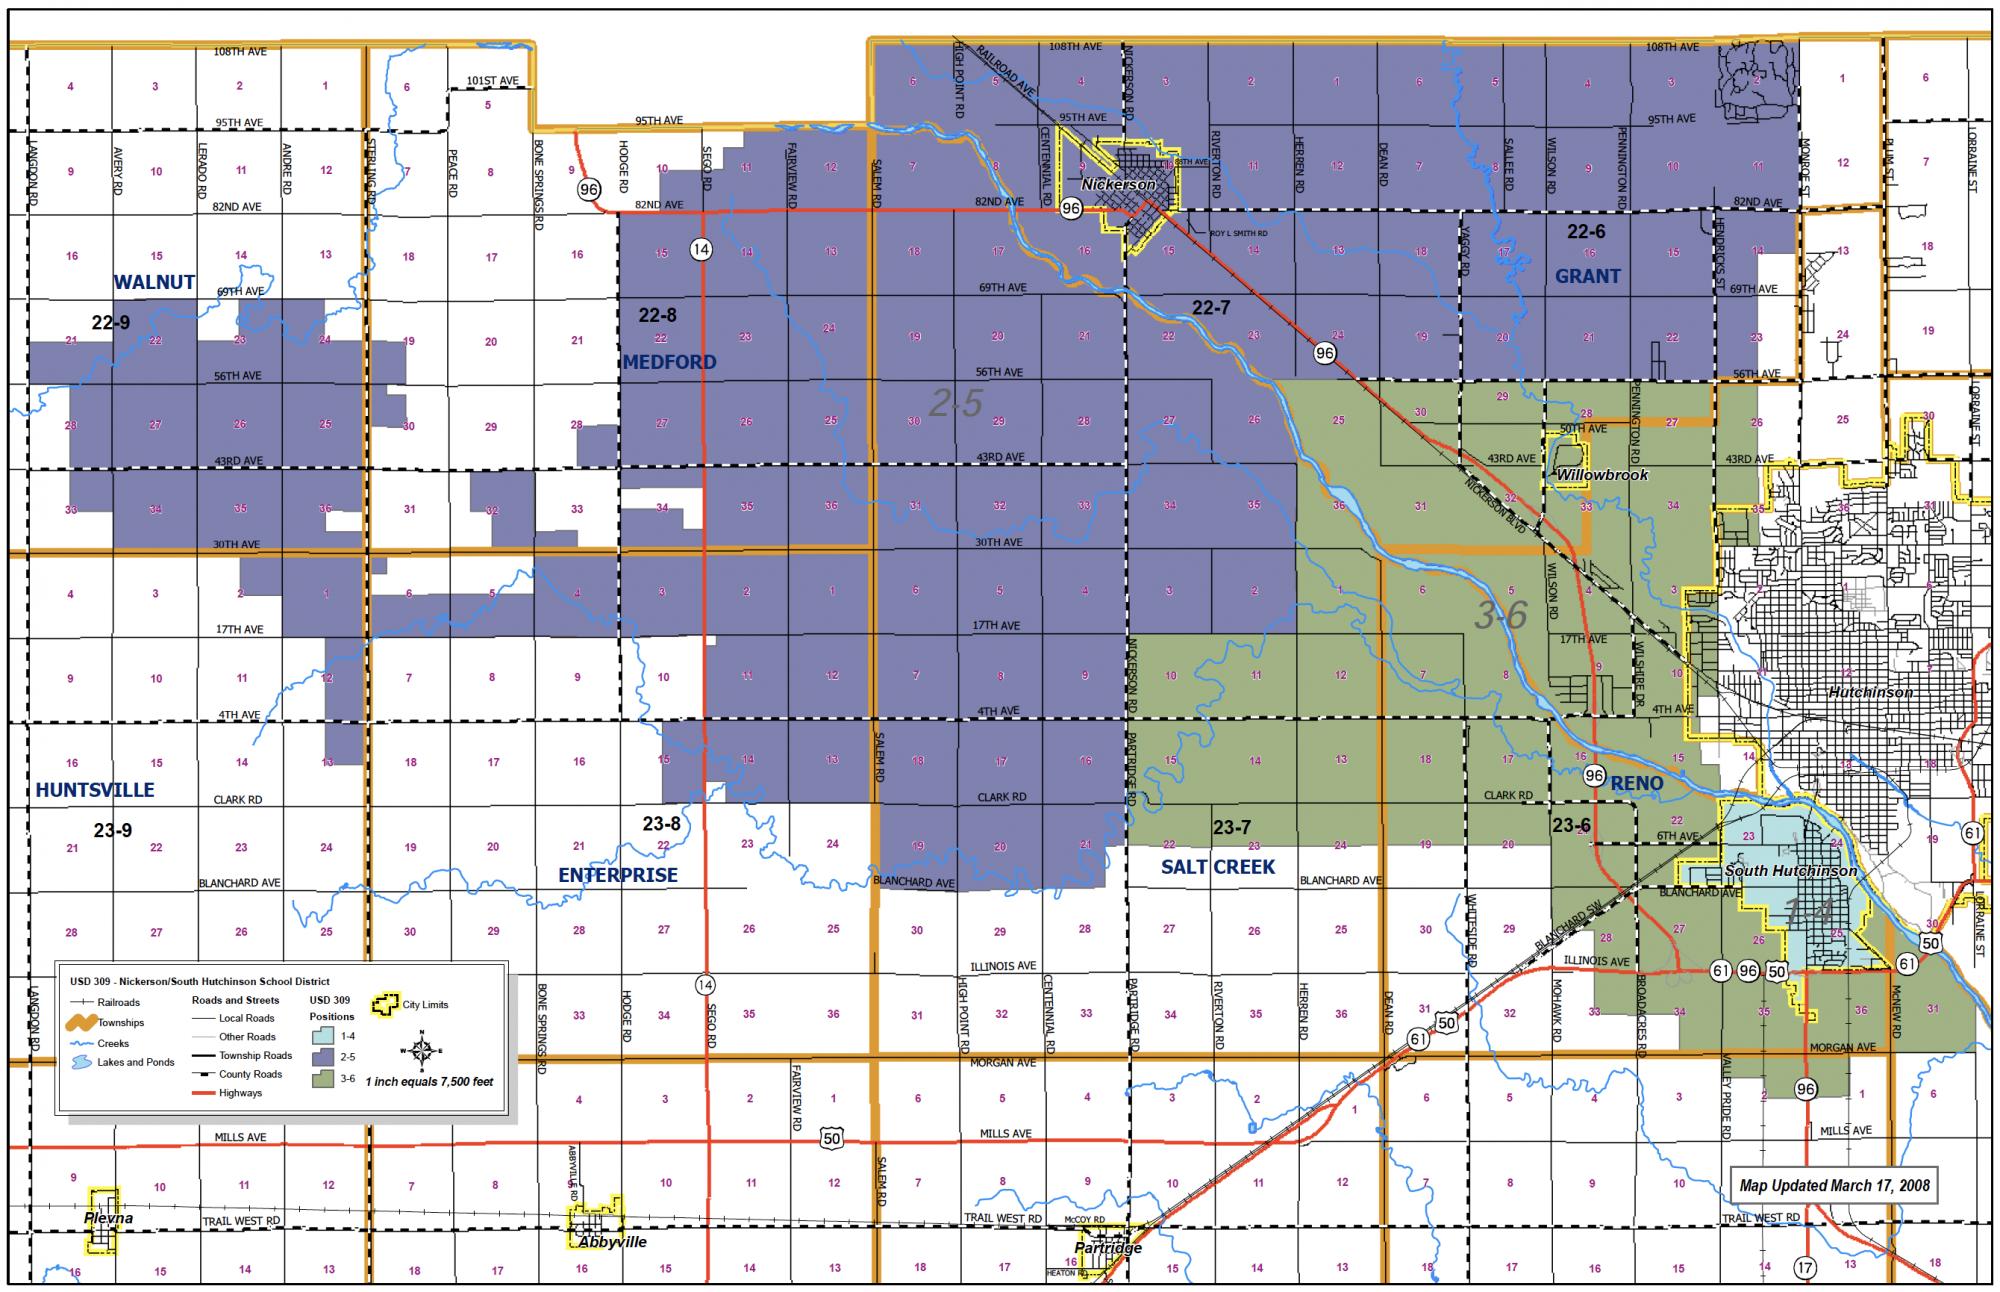 Map of school district boundaries